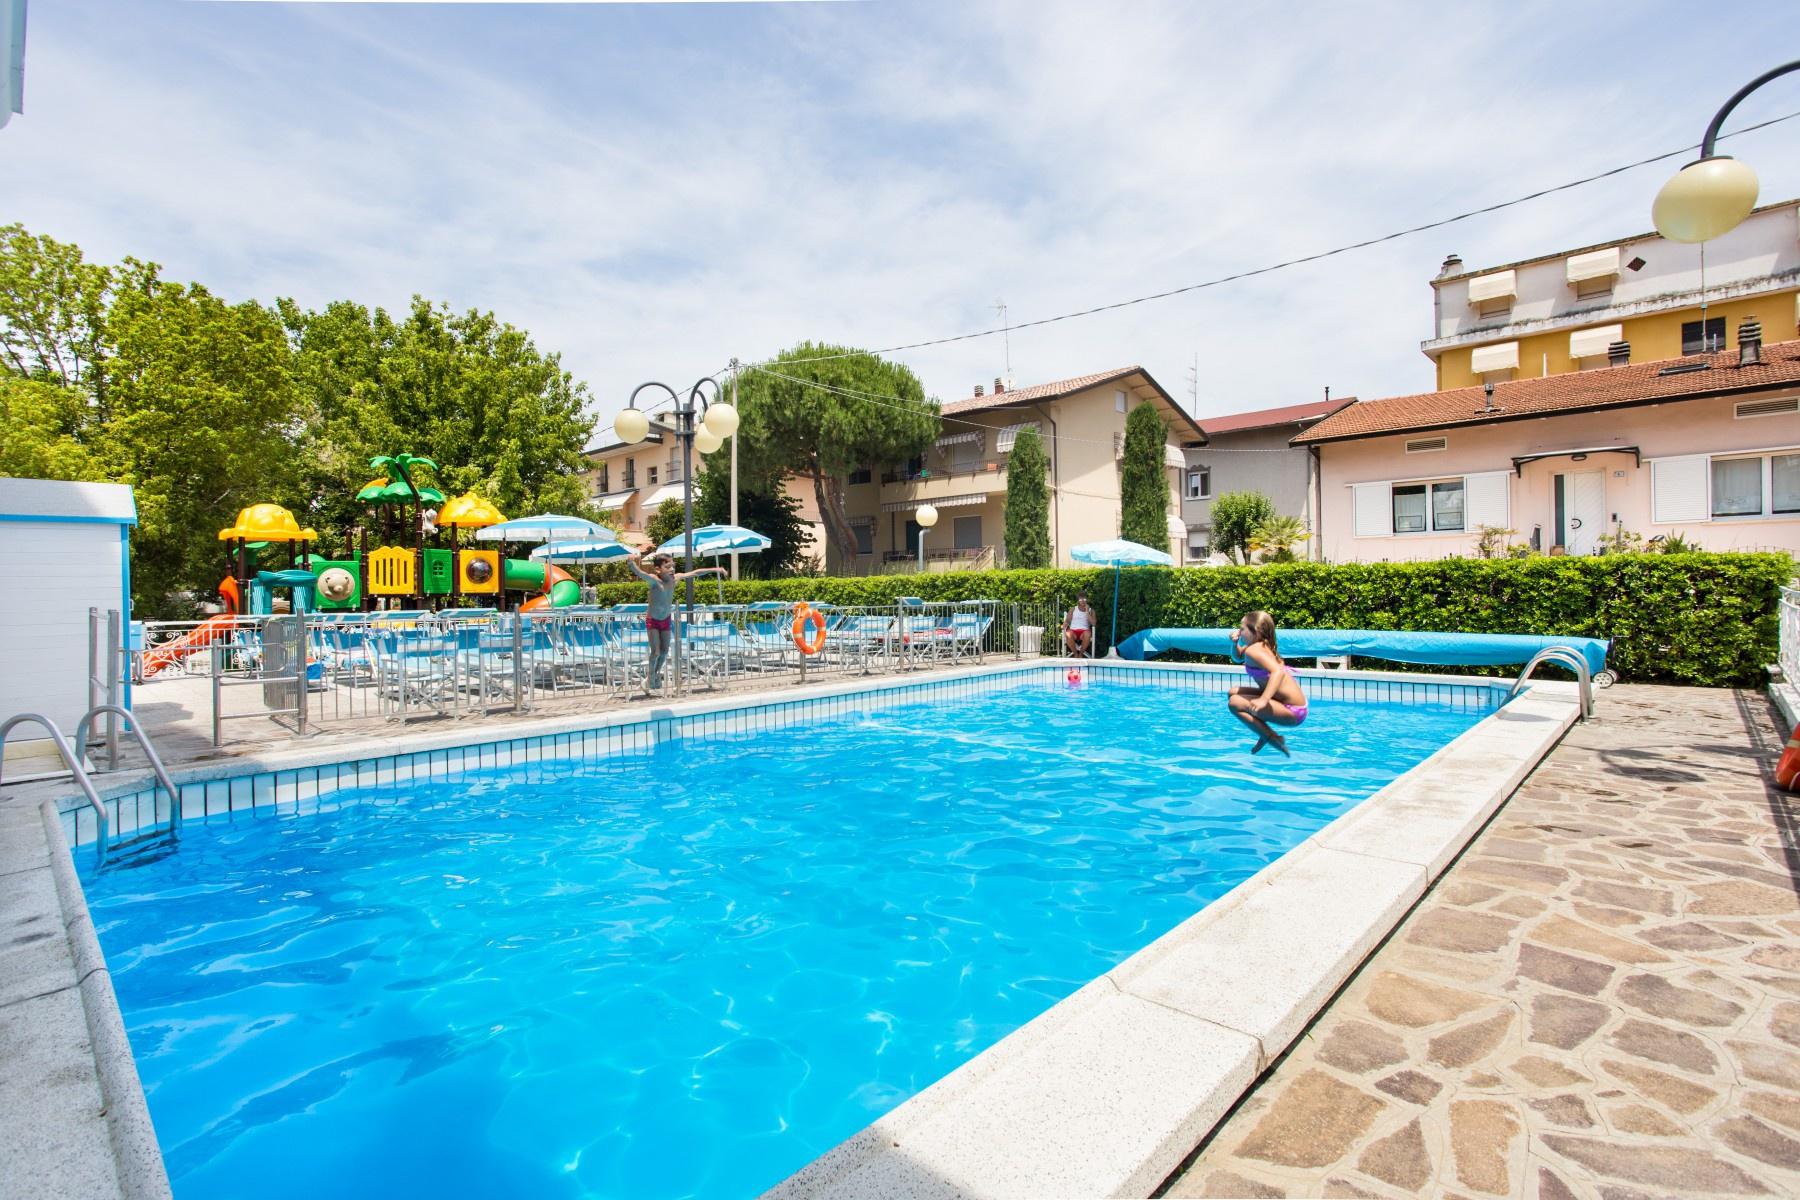 Hotel ambrosiana misano adriatico 3 stelle via alberello - Hotel misano adriatico con piscina ...